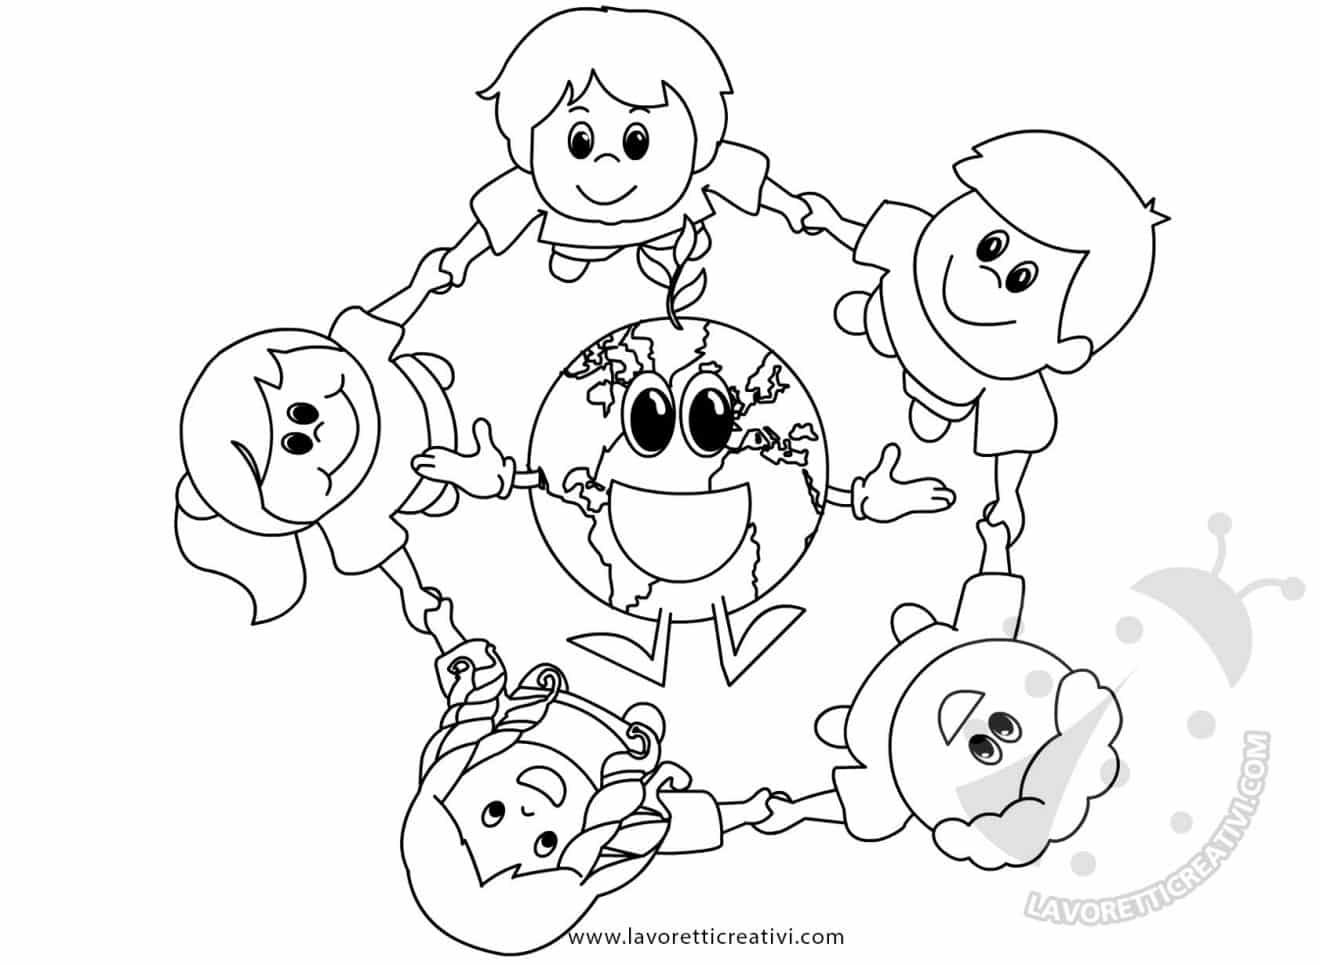 Giornata della terra disegno di bambini con pianeta terra for Maestra mary giornata della terra